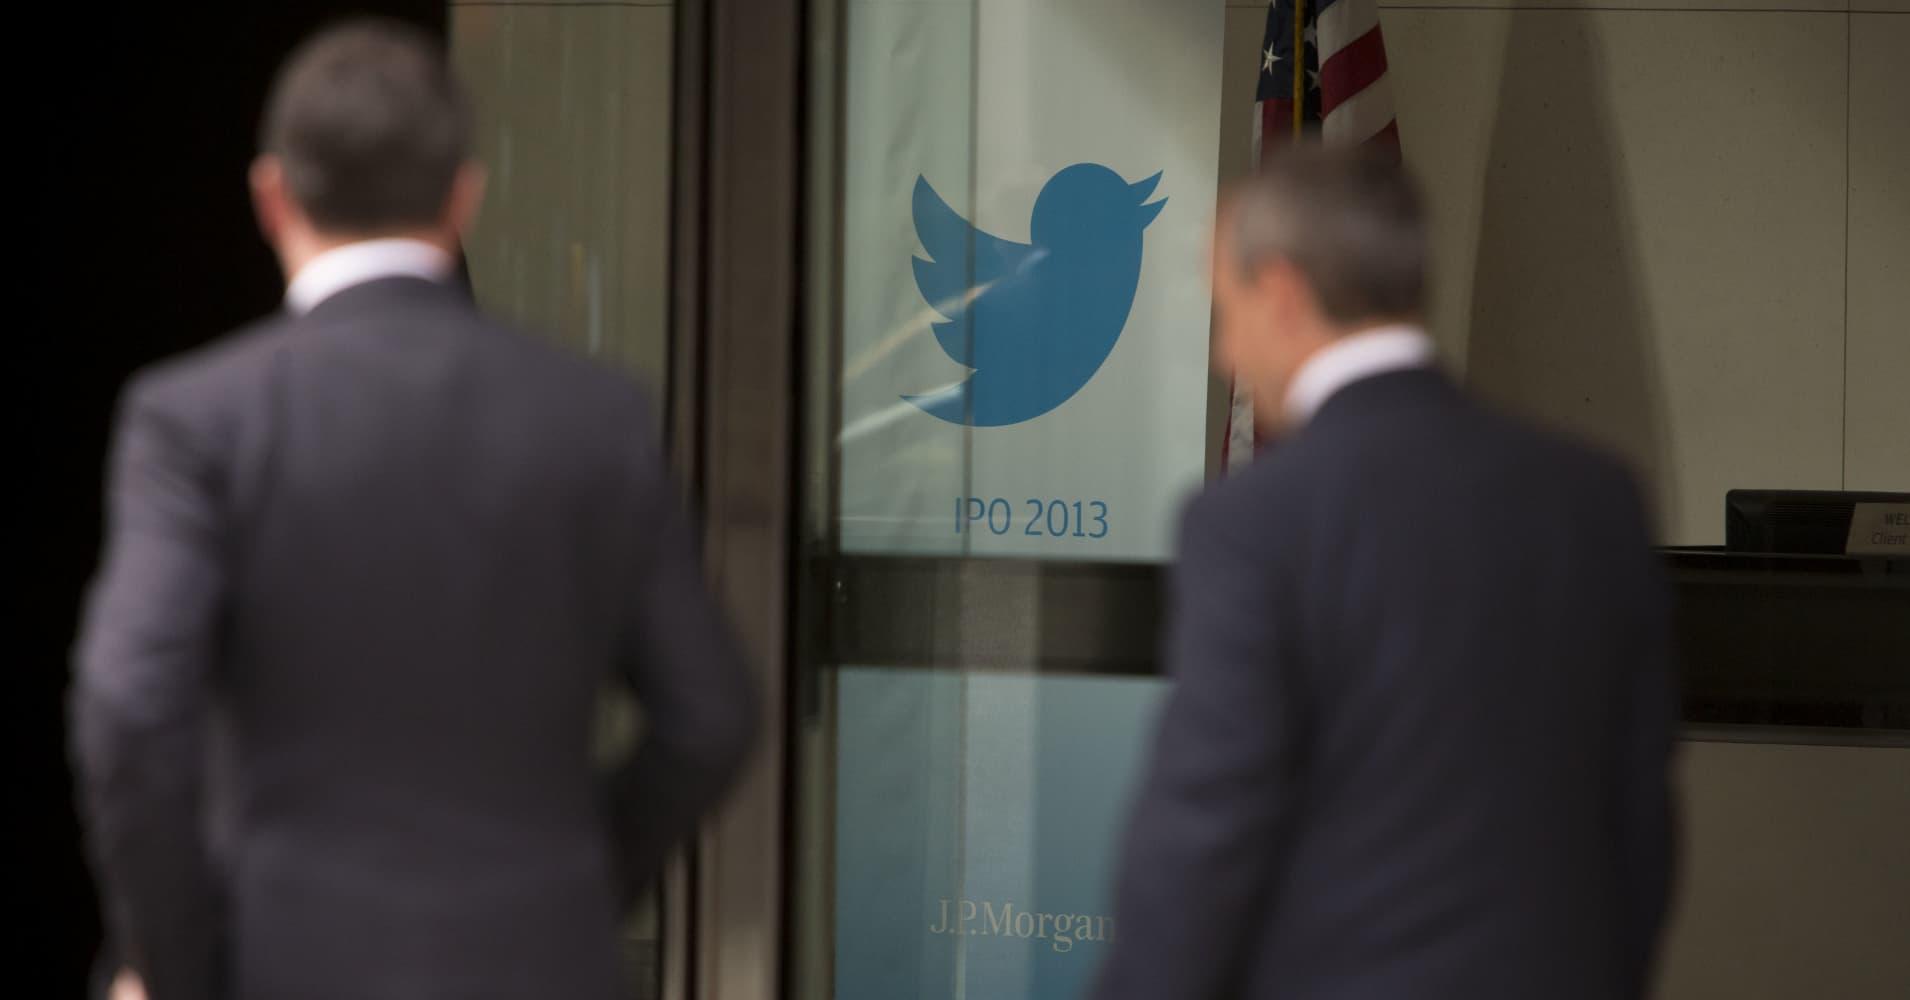 Legendary investor Bill Miller bullish on Amazon, but sees a struggle for Twitter